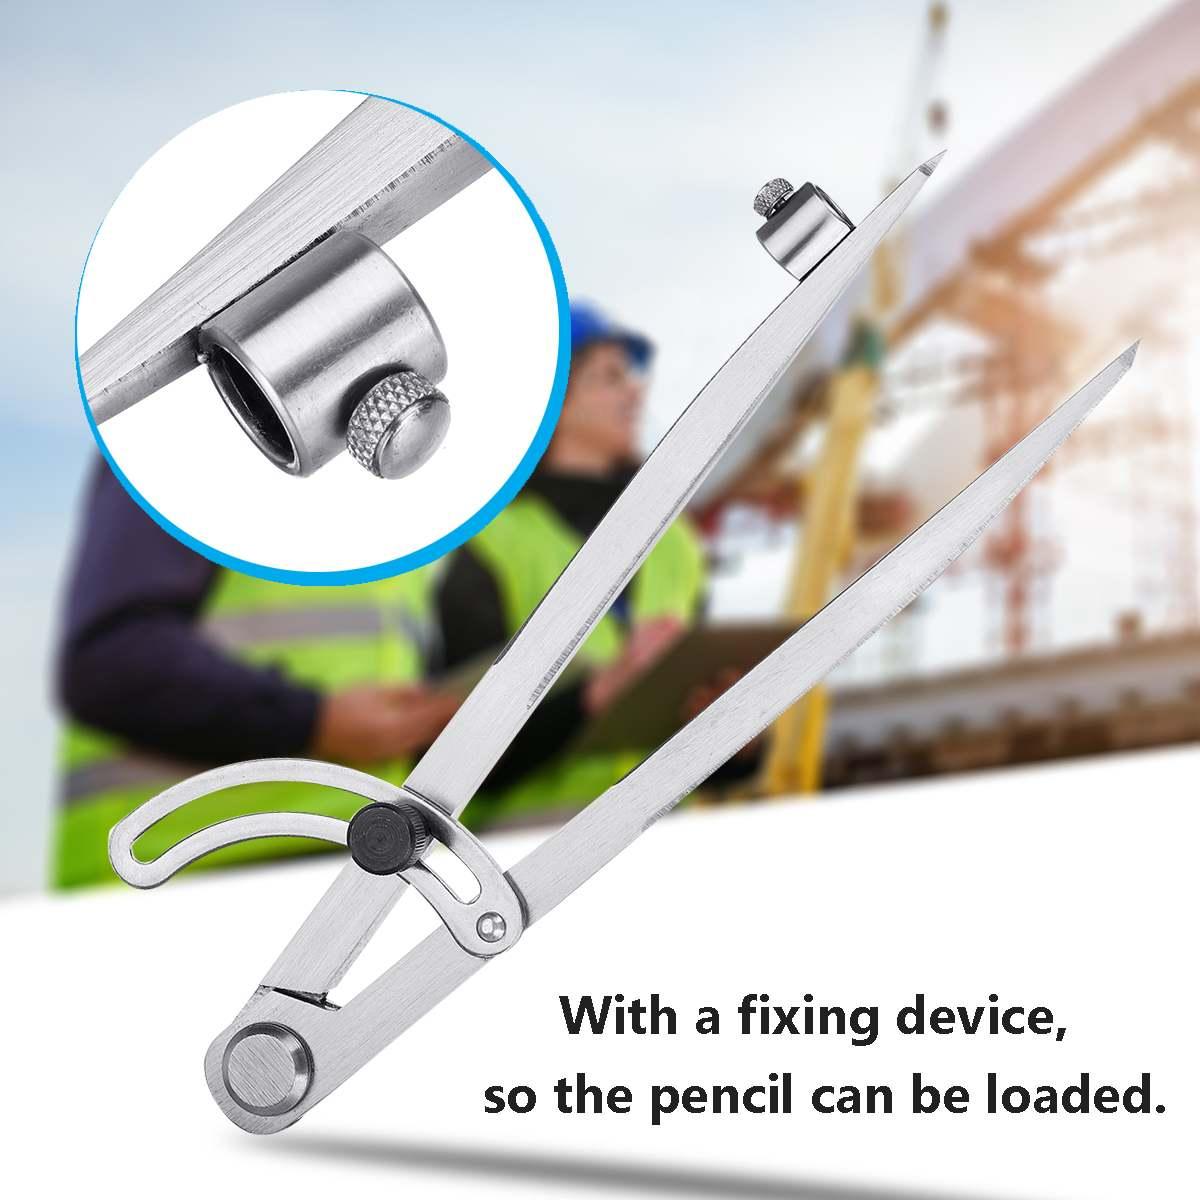 Carbon Steel 200mm Wing Divider Pencil Marking Compass-Circle Maker Adjustable Scriber For Craftsman Student Carpenter Architect